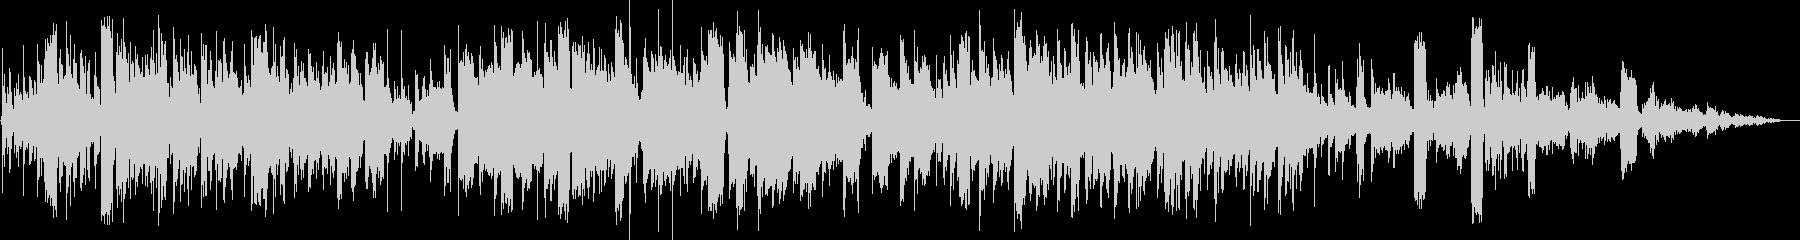 レトロなシンセ全開なテクノポップの未再生の波形